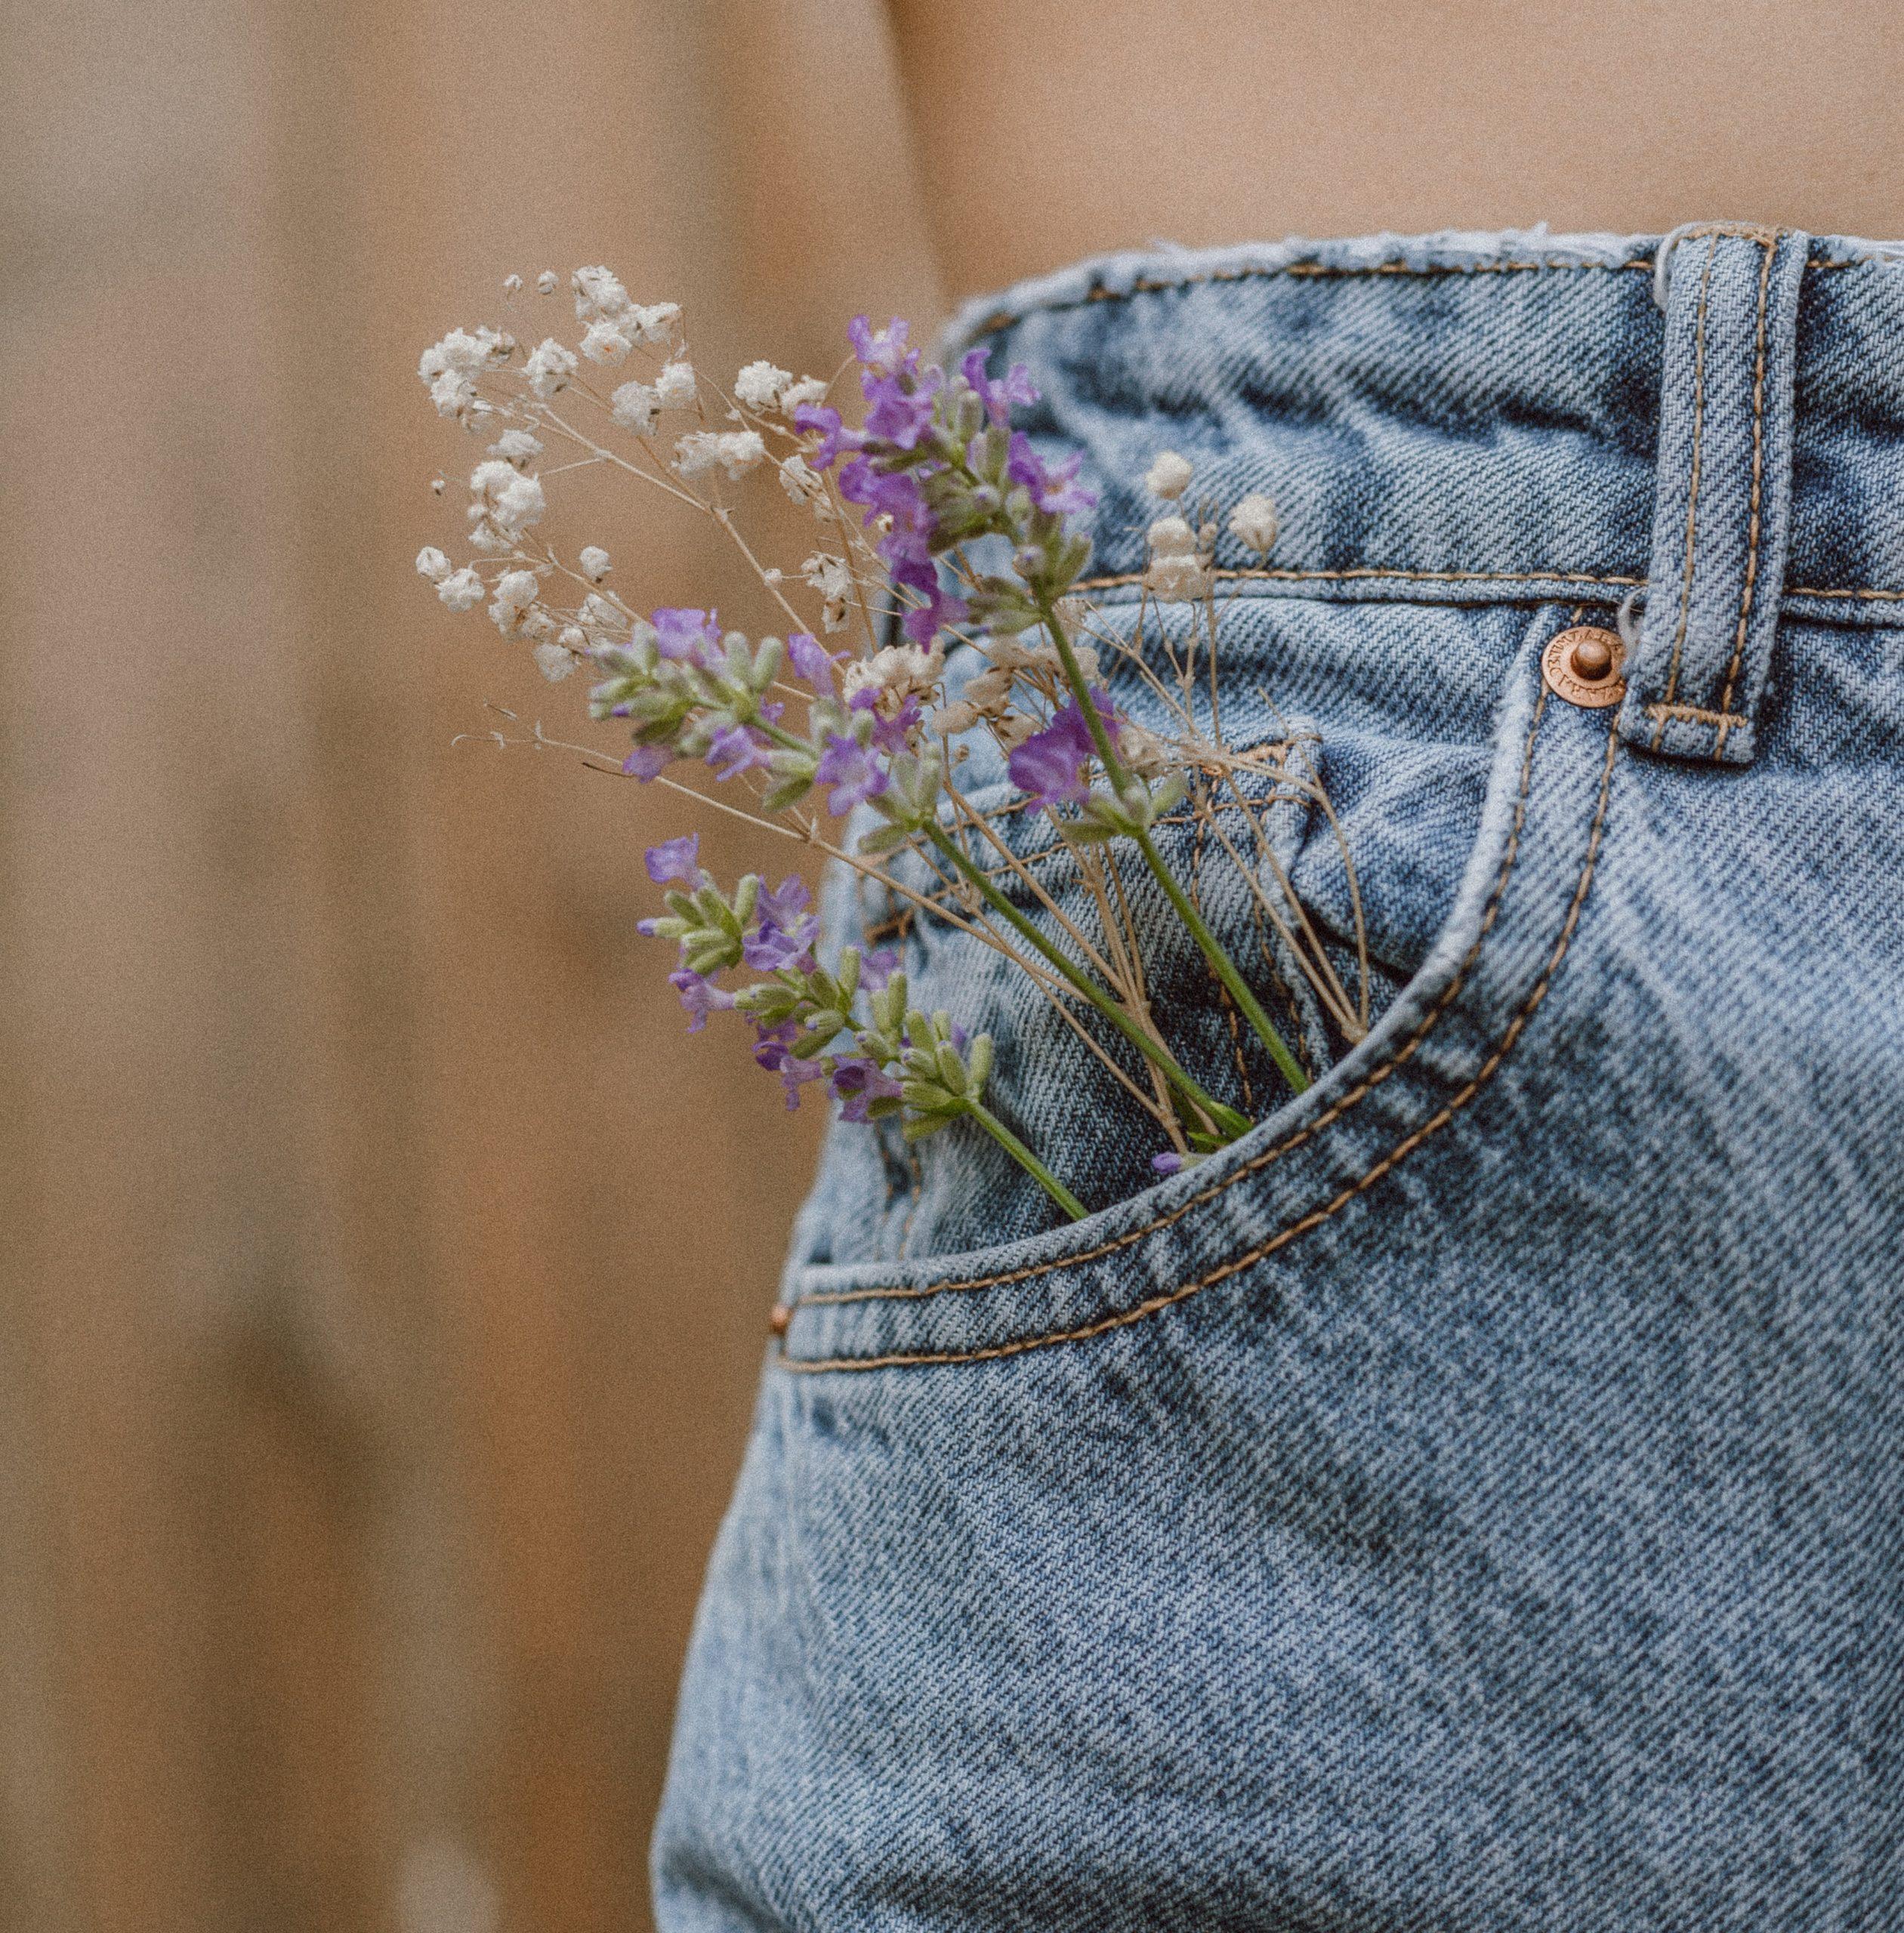 Poche d'un jean upcyclé avec des fleurs à l'intérieur créant un lien avec l'écologie